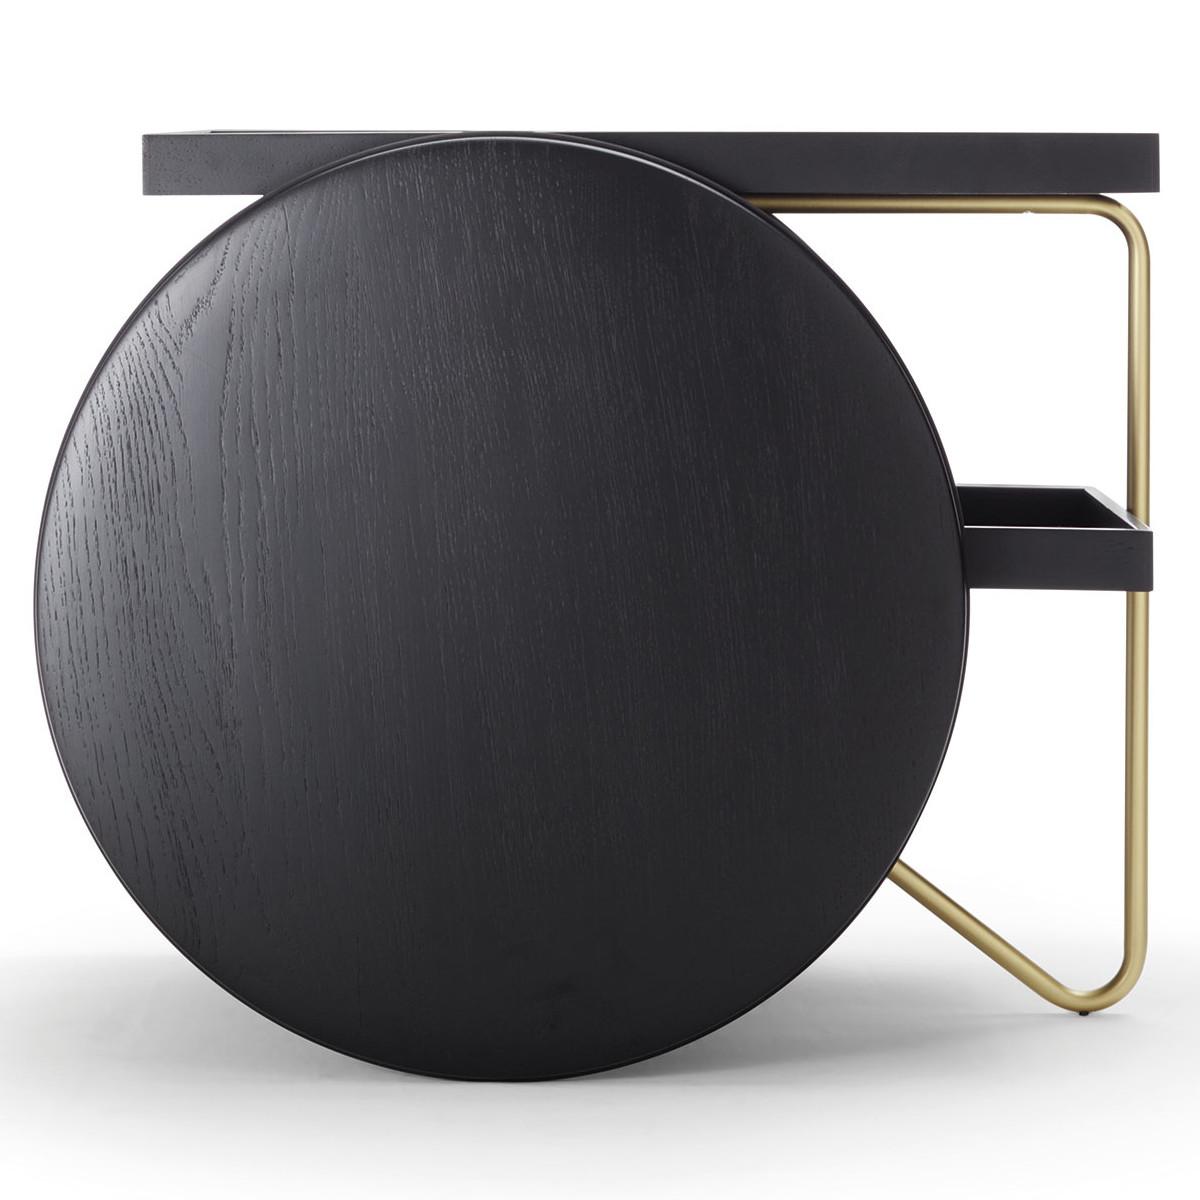 casamania chariot beistelltisch und barwagen casa de. Black Bedroom Furniture Sets. Home Design Ideas